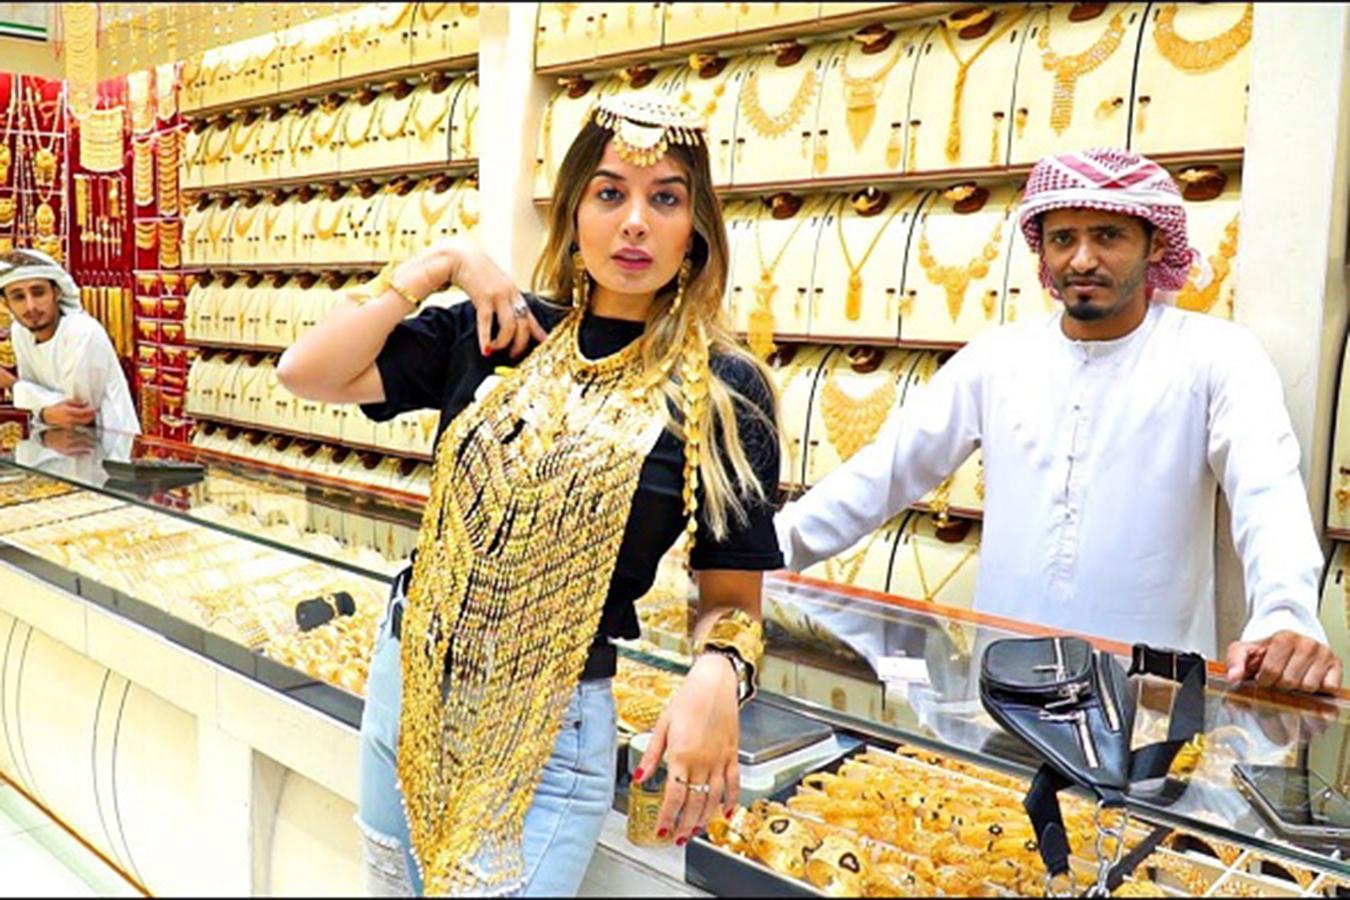 Lóa mắt trước khu chợ toàn bằng vàng ở UAE - Ảnh 8.